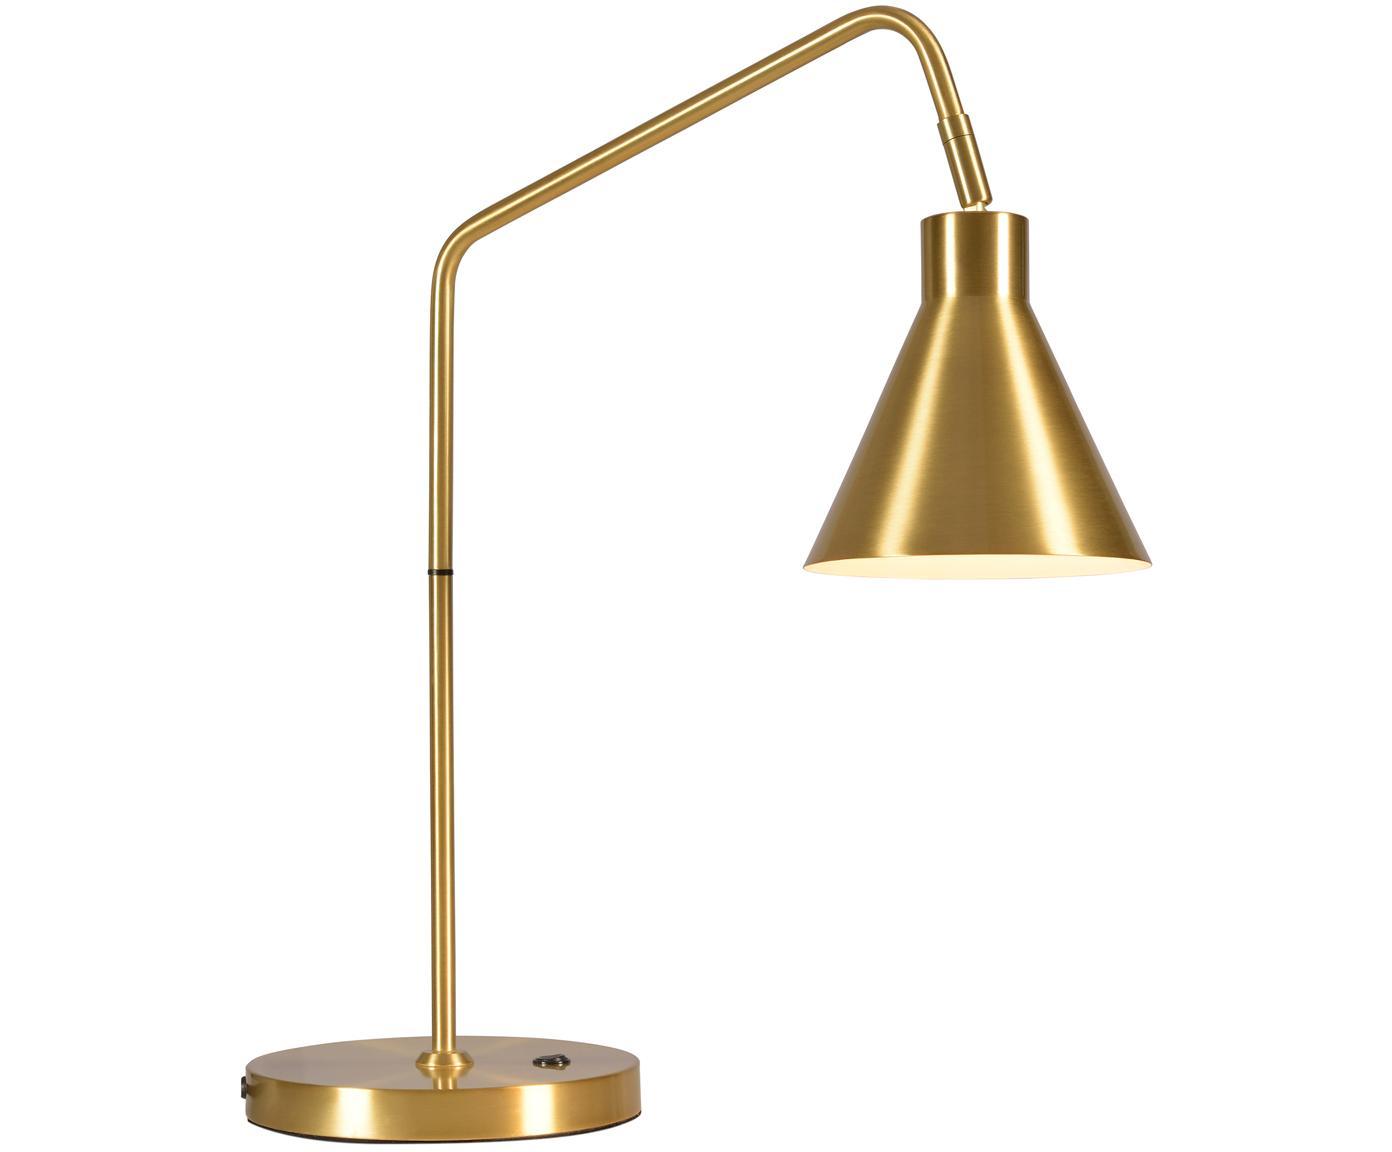 Schreibtischlampe Lyon in Gold, Goldfarben, 55 x 54 cm